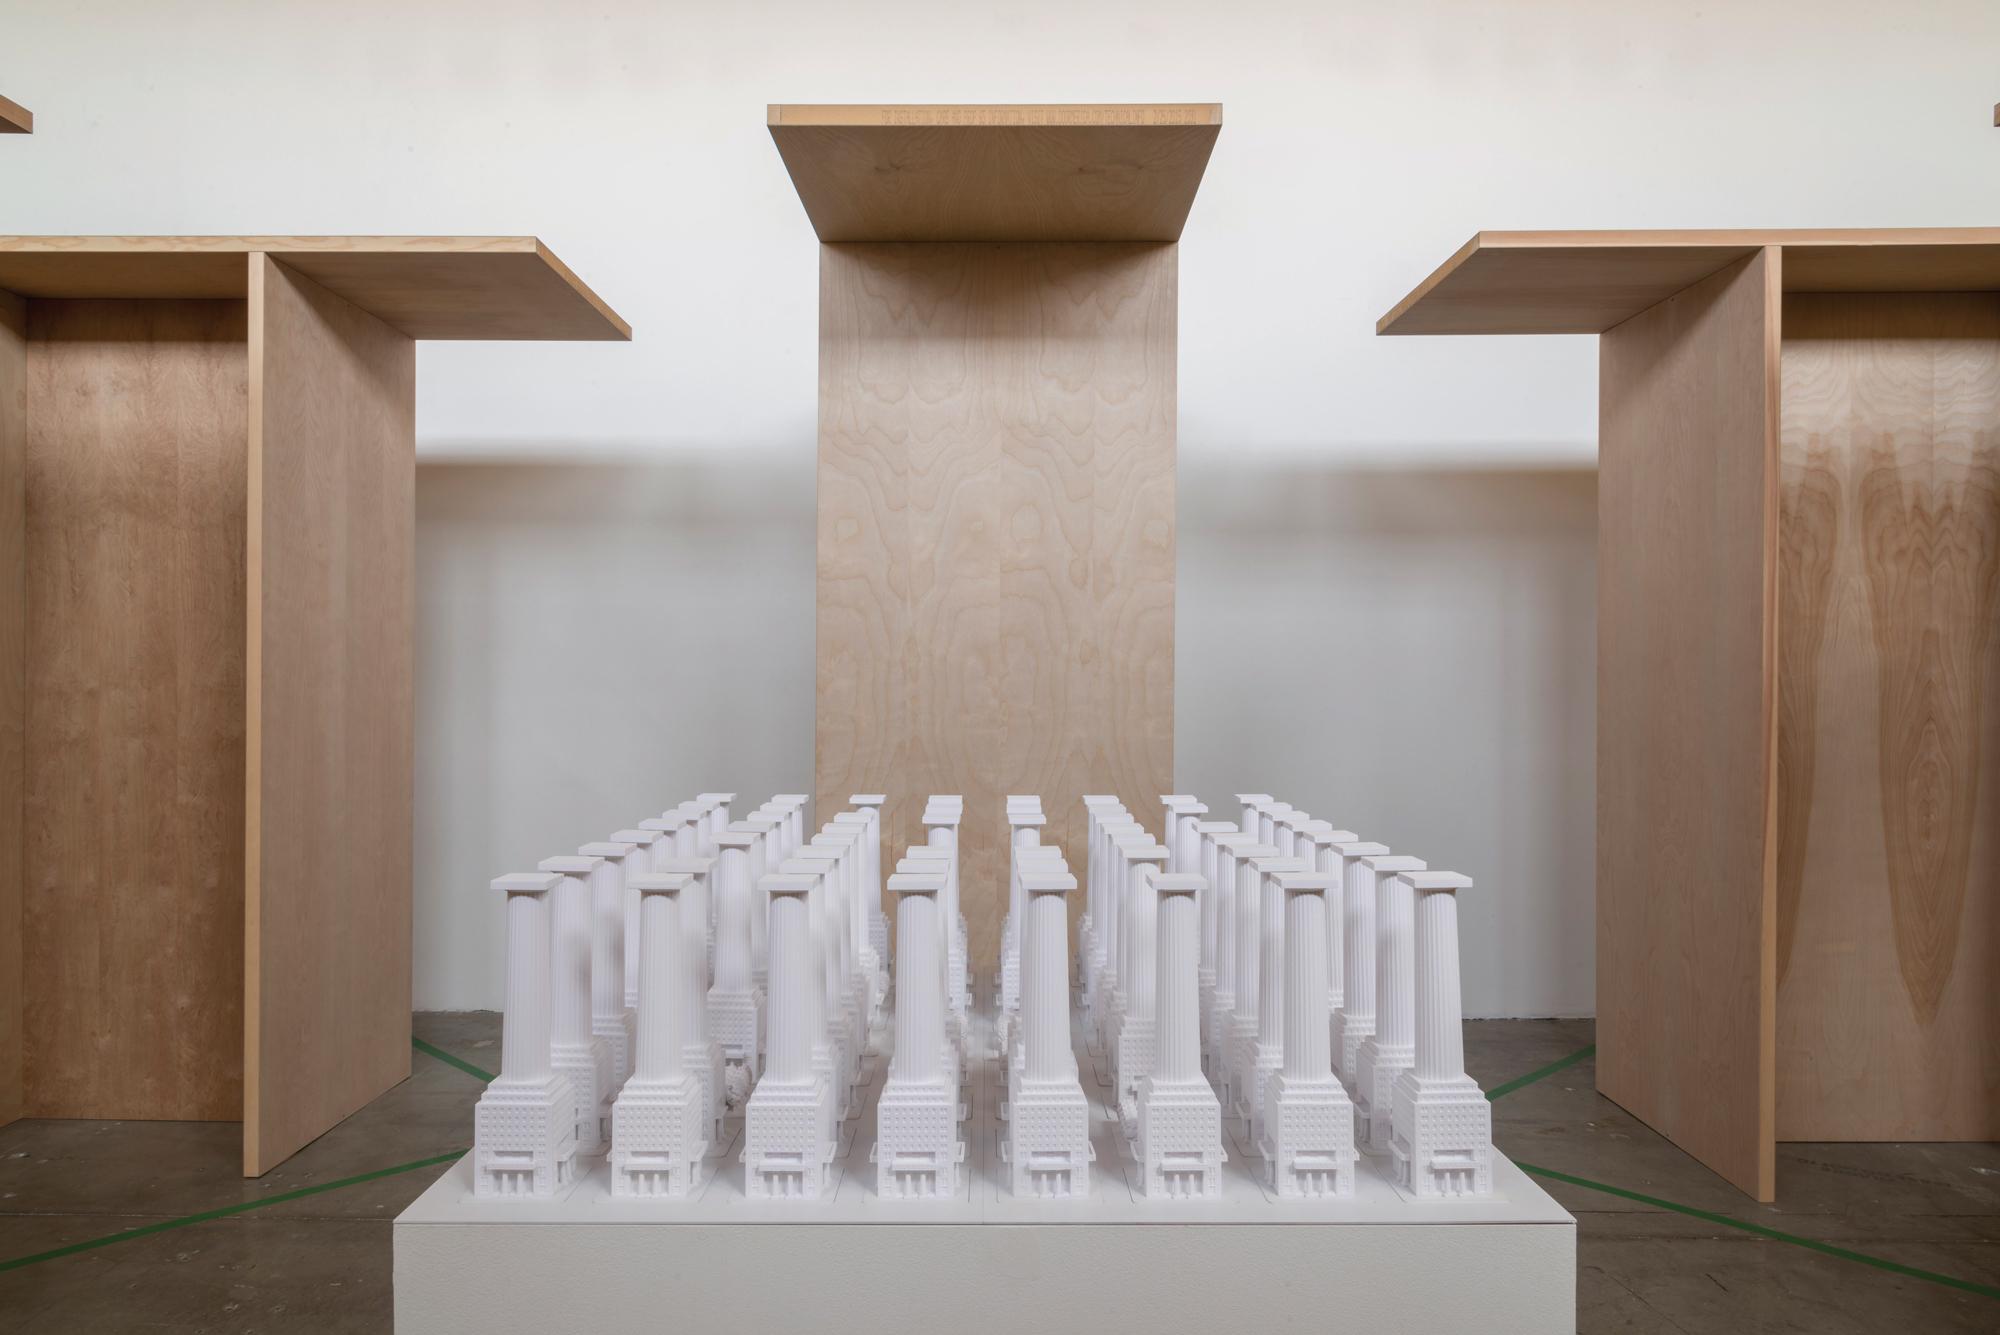 white architecture model art exhibition